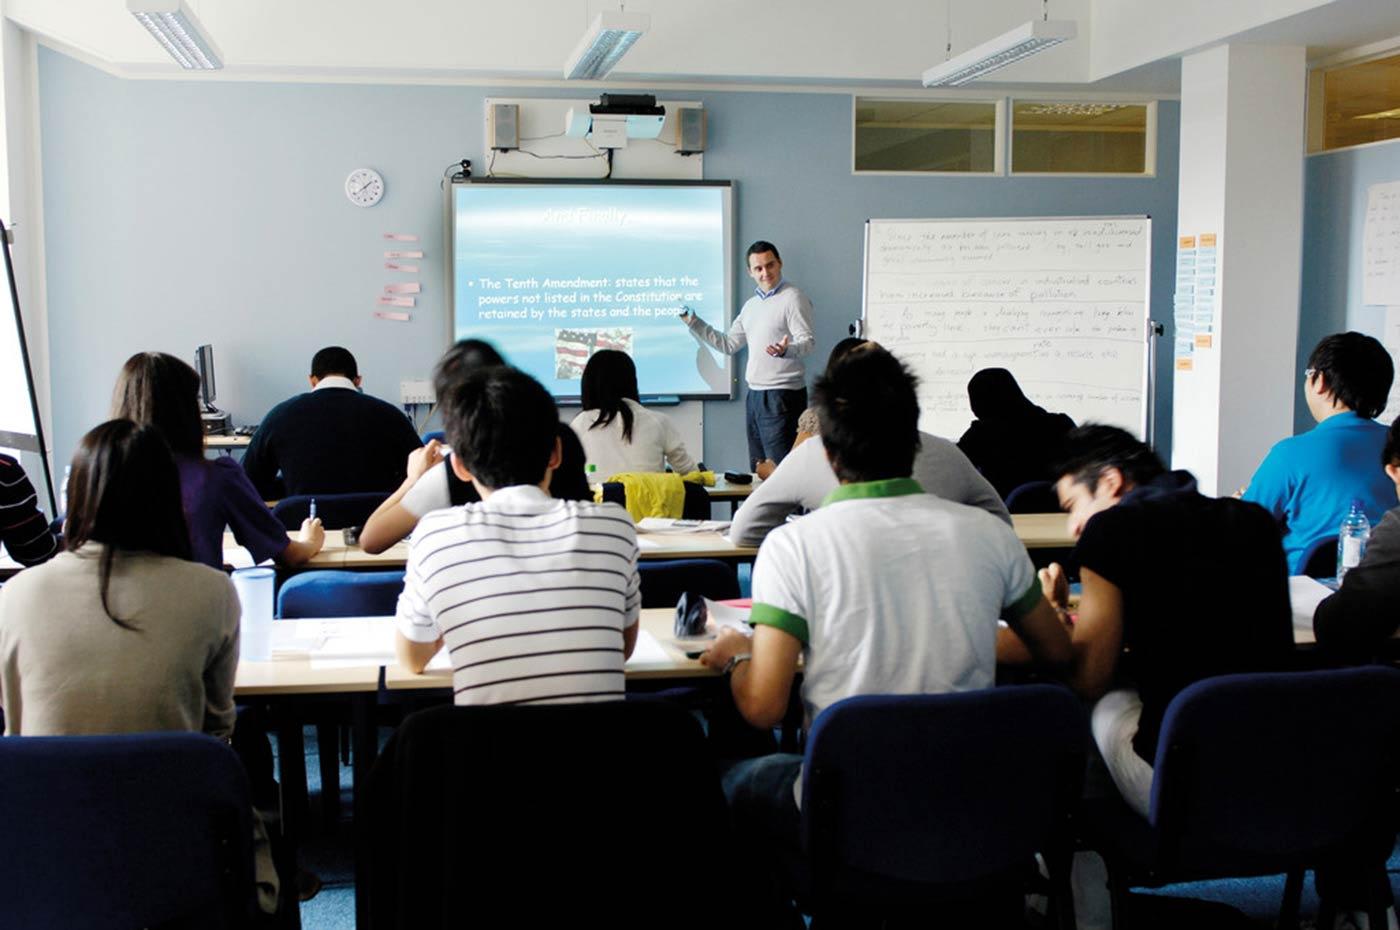 تم اعتماد جميع دورات اللغة الإنجليزية من قبل المجلس الثقافي البريطاني.